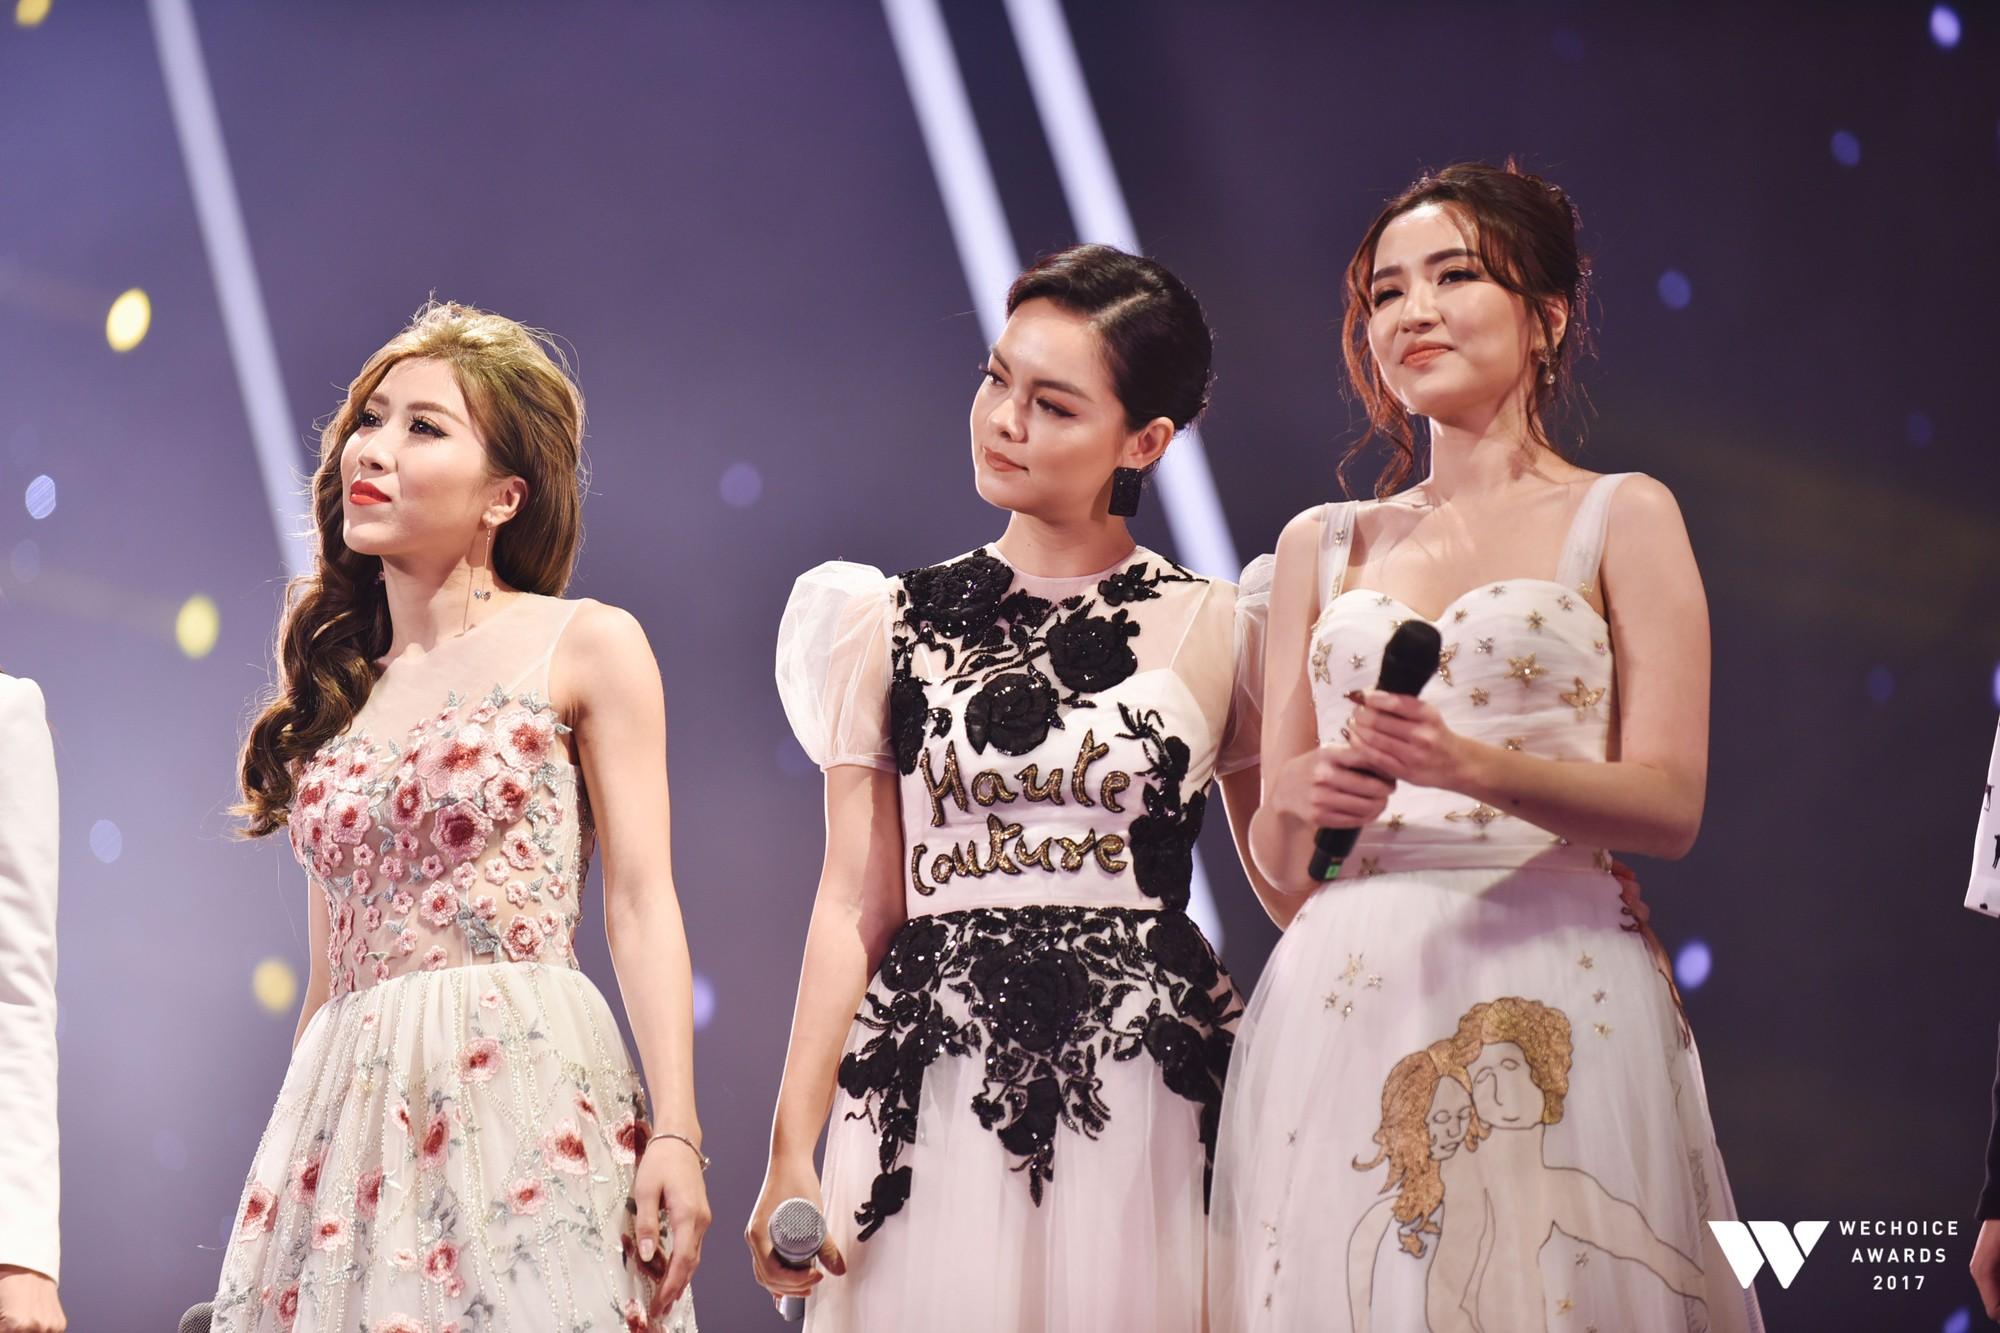 Khoảnh khắc WeChoice Awards: Đẹp nhất là khi Sơn Tùng, bé Bôm và các nghệ sĩ Việt cùng chậm lại trong dòng cảm xúc vỡ òa - Ảnh 47.